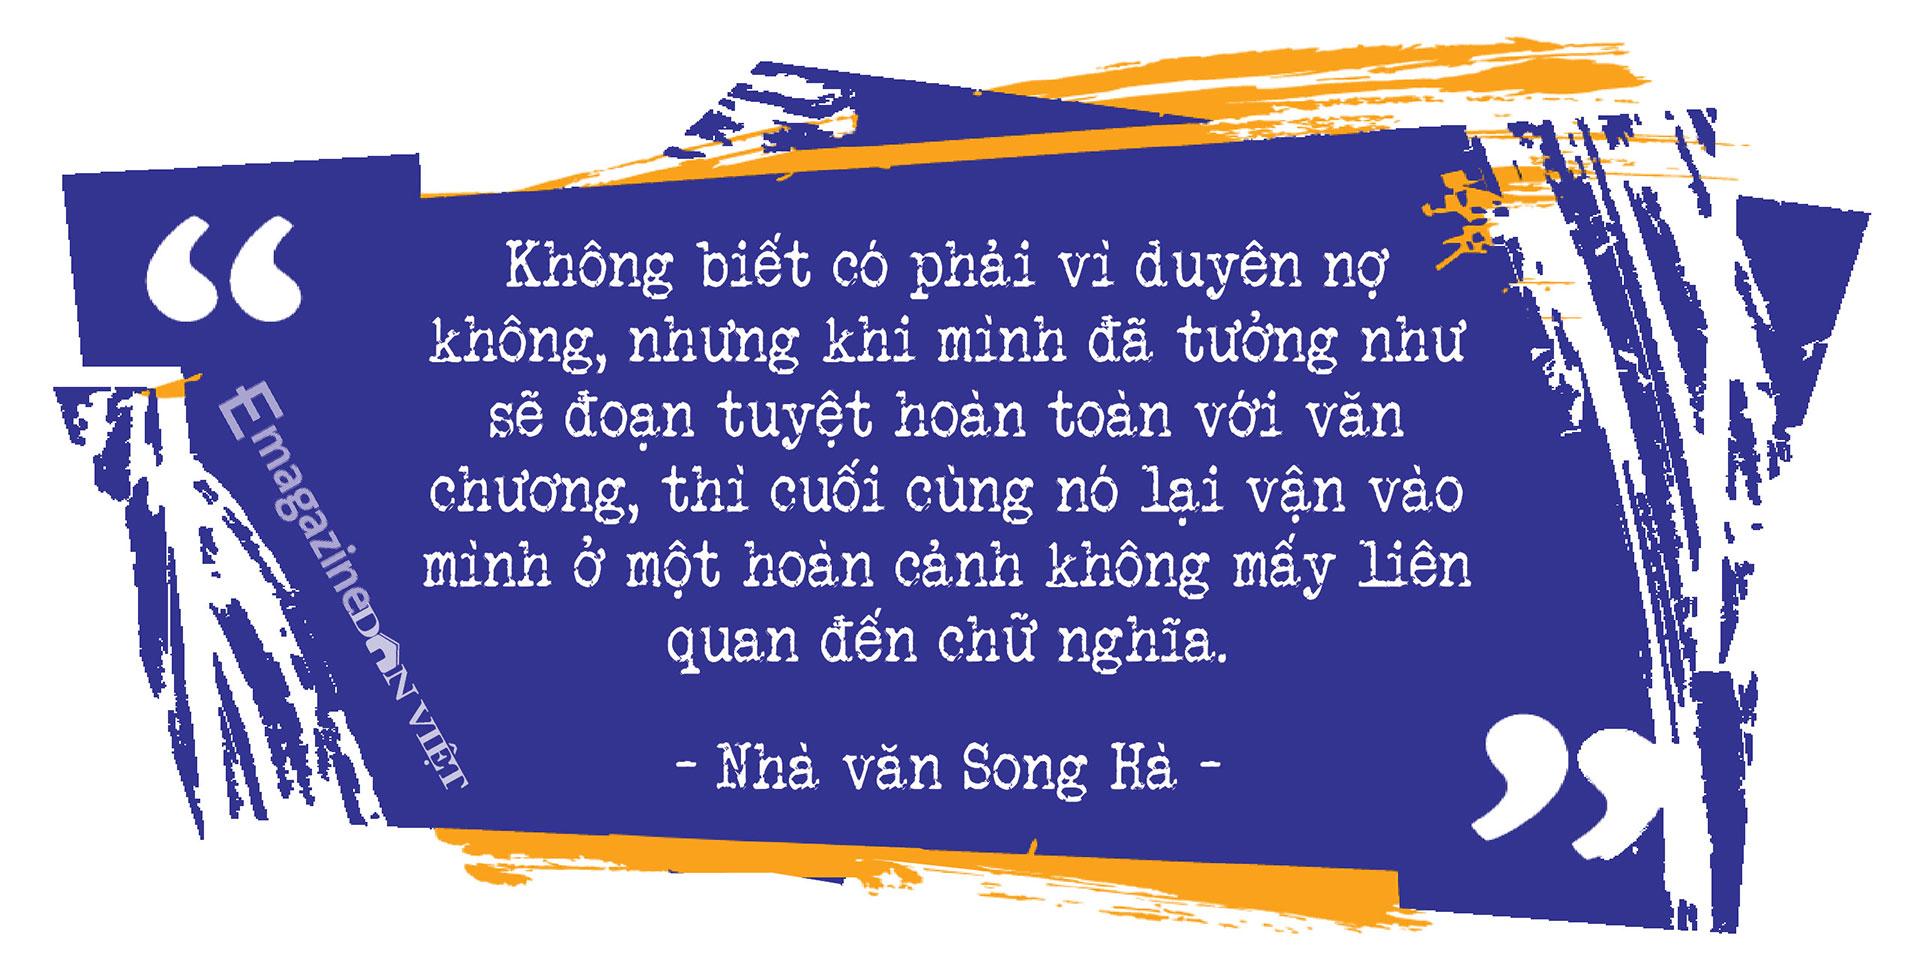 Cây bút văn học mạng Song Hà: Mảng đề tài đa cấp, đòi nợ… tôi viết dễ như thò tay vào túi lấy kẹo - Ảnh 13.